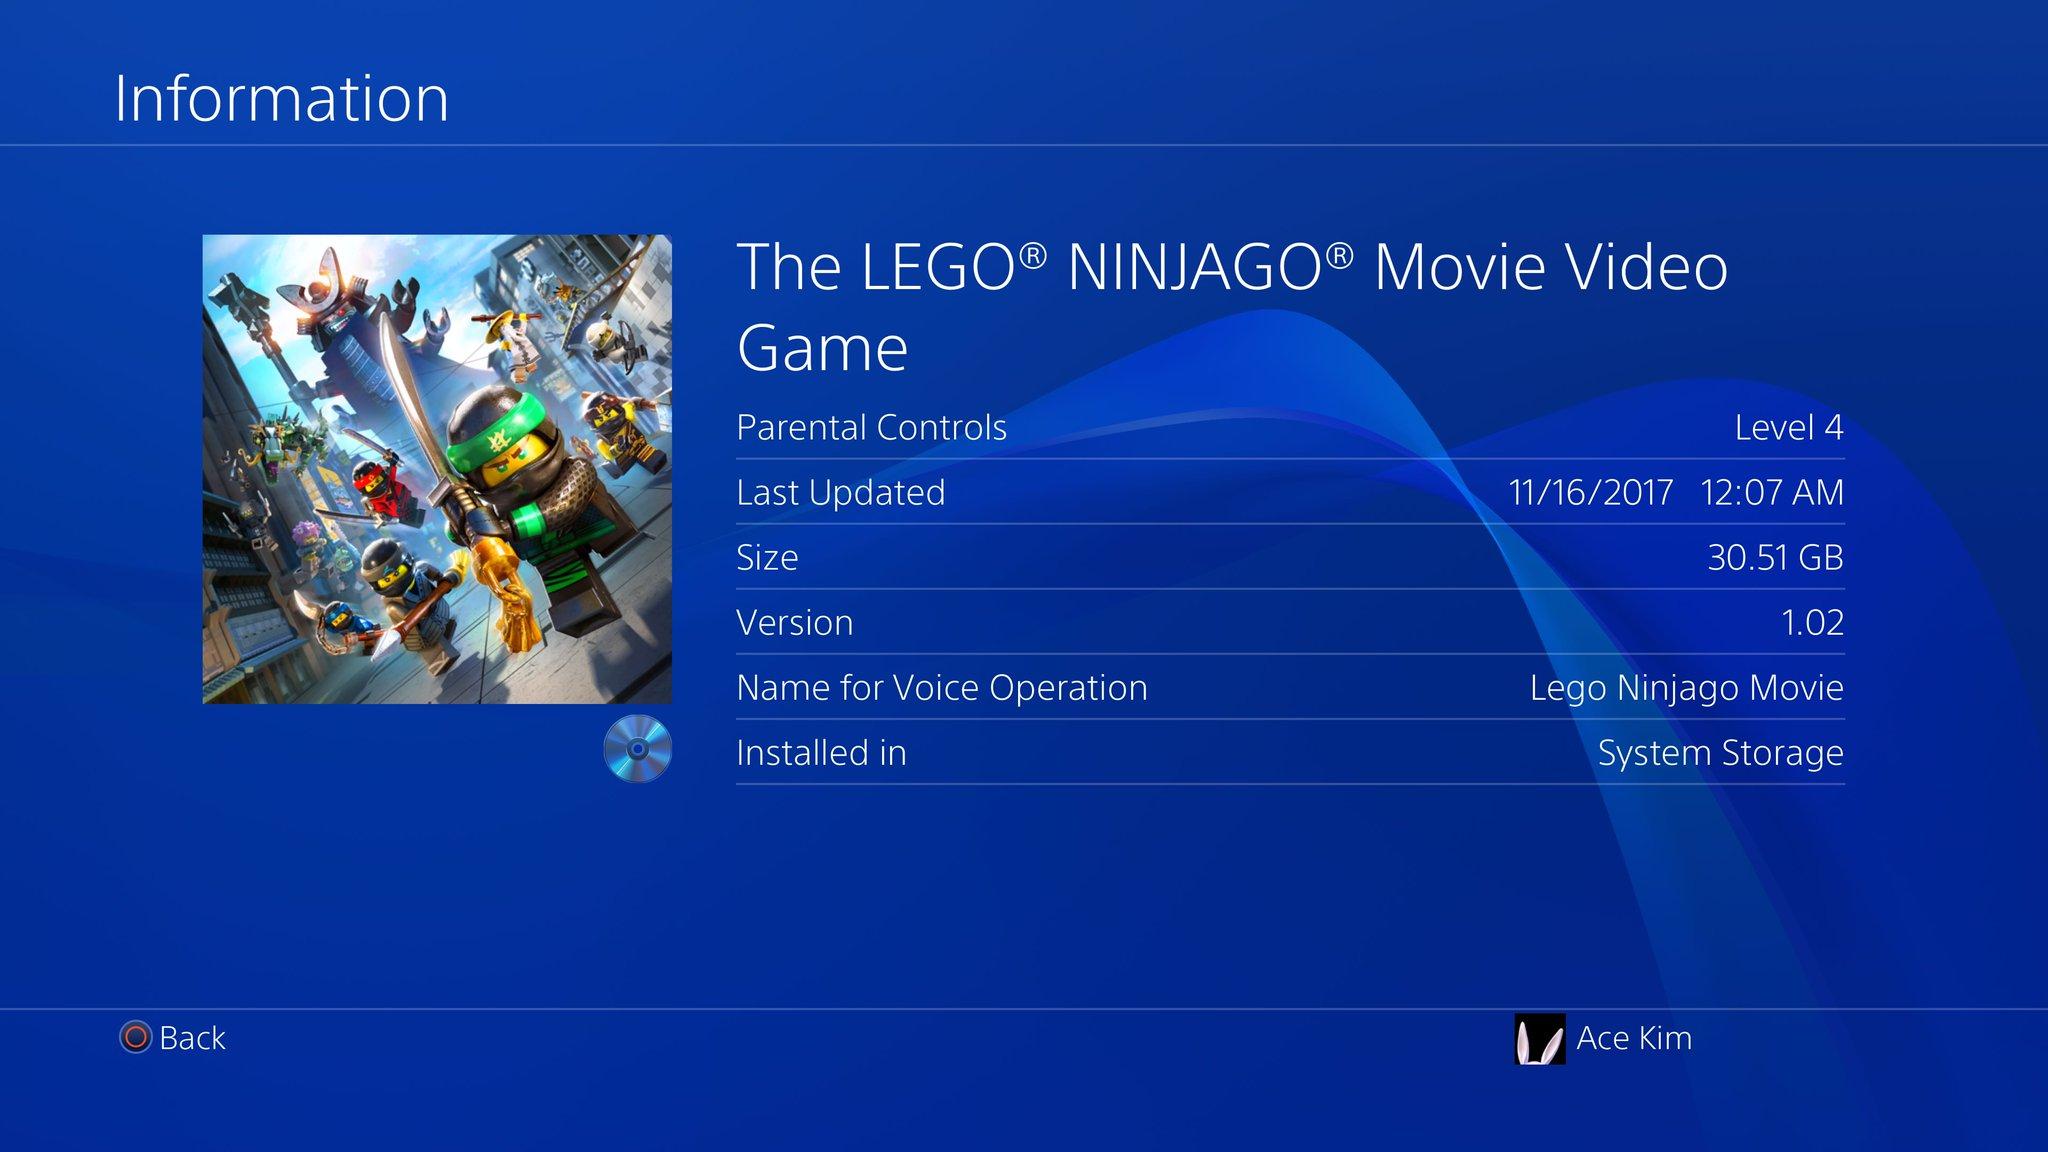 TLNMVG version 1.02